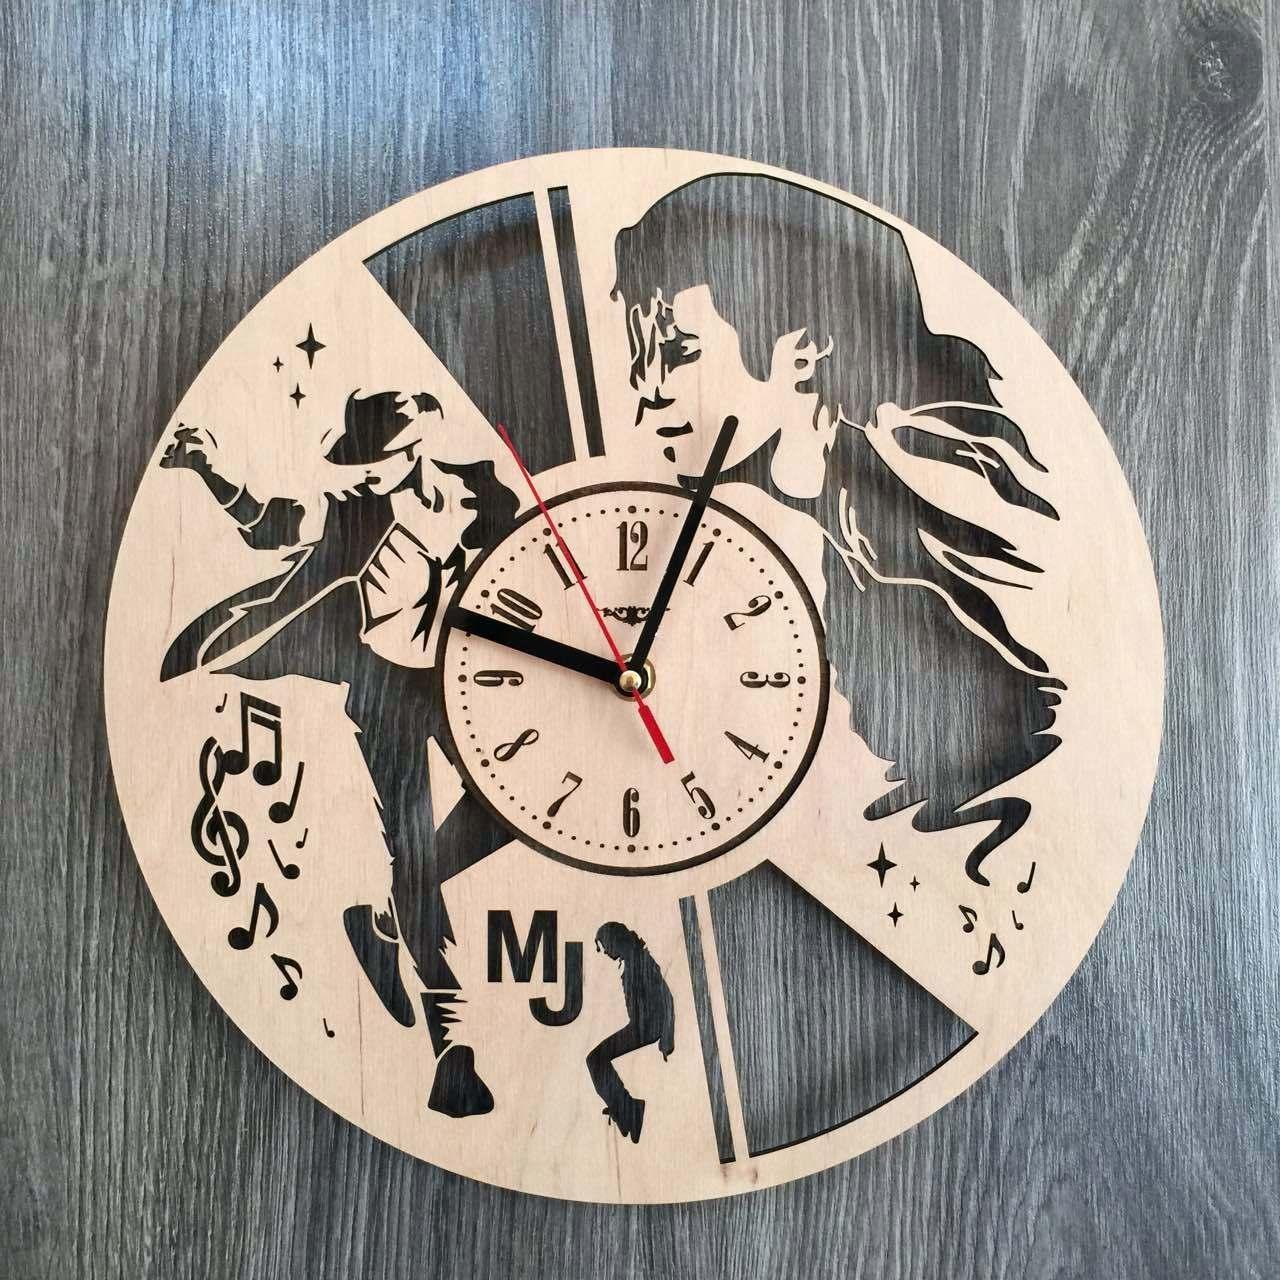 Концептуальні годинник з дерева на стіну 7Arts Легендарний Майкл Джексон CL-0166